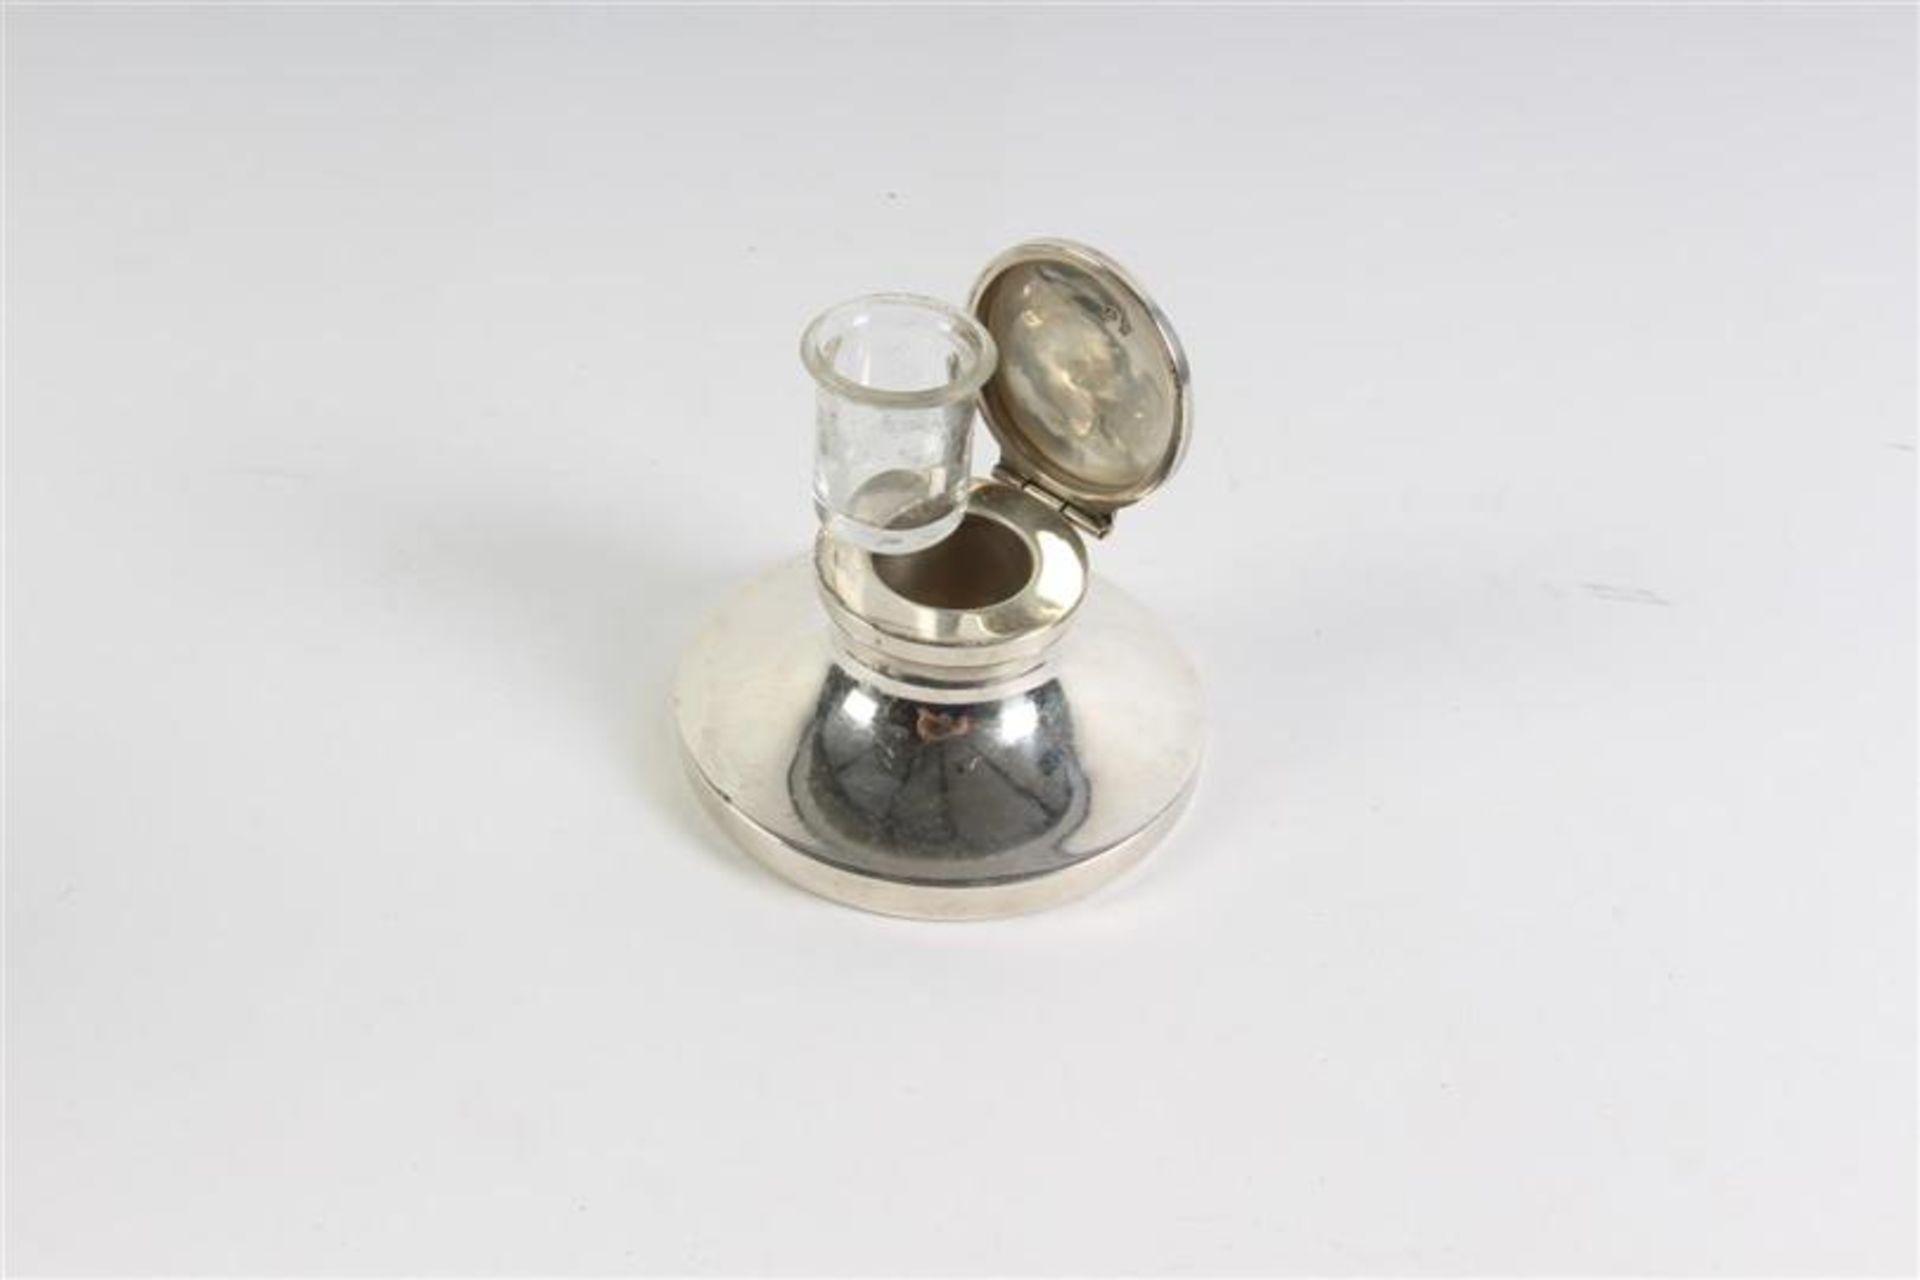 Zilveren met houten inktdepper en een zilveren inktpotje. - Bild 5 aus 5